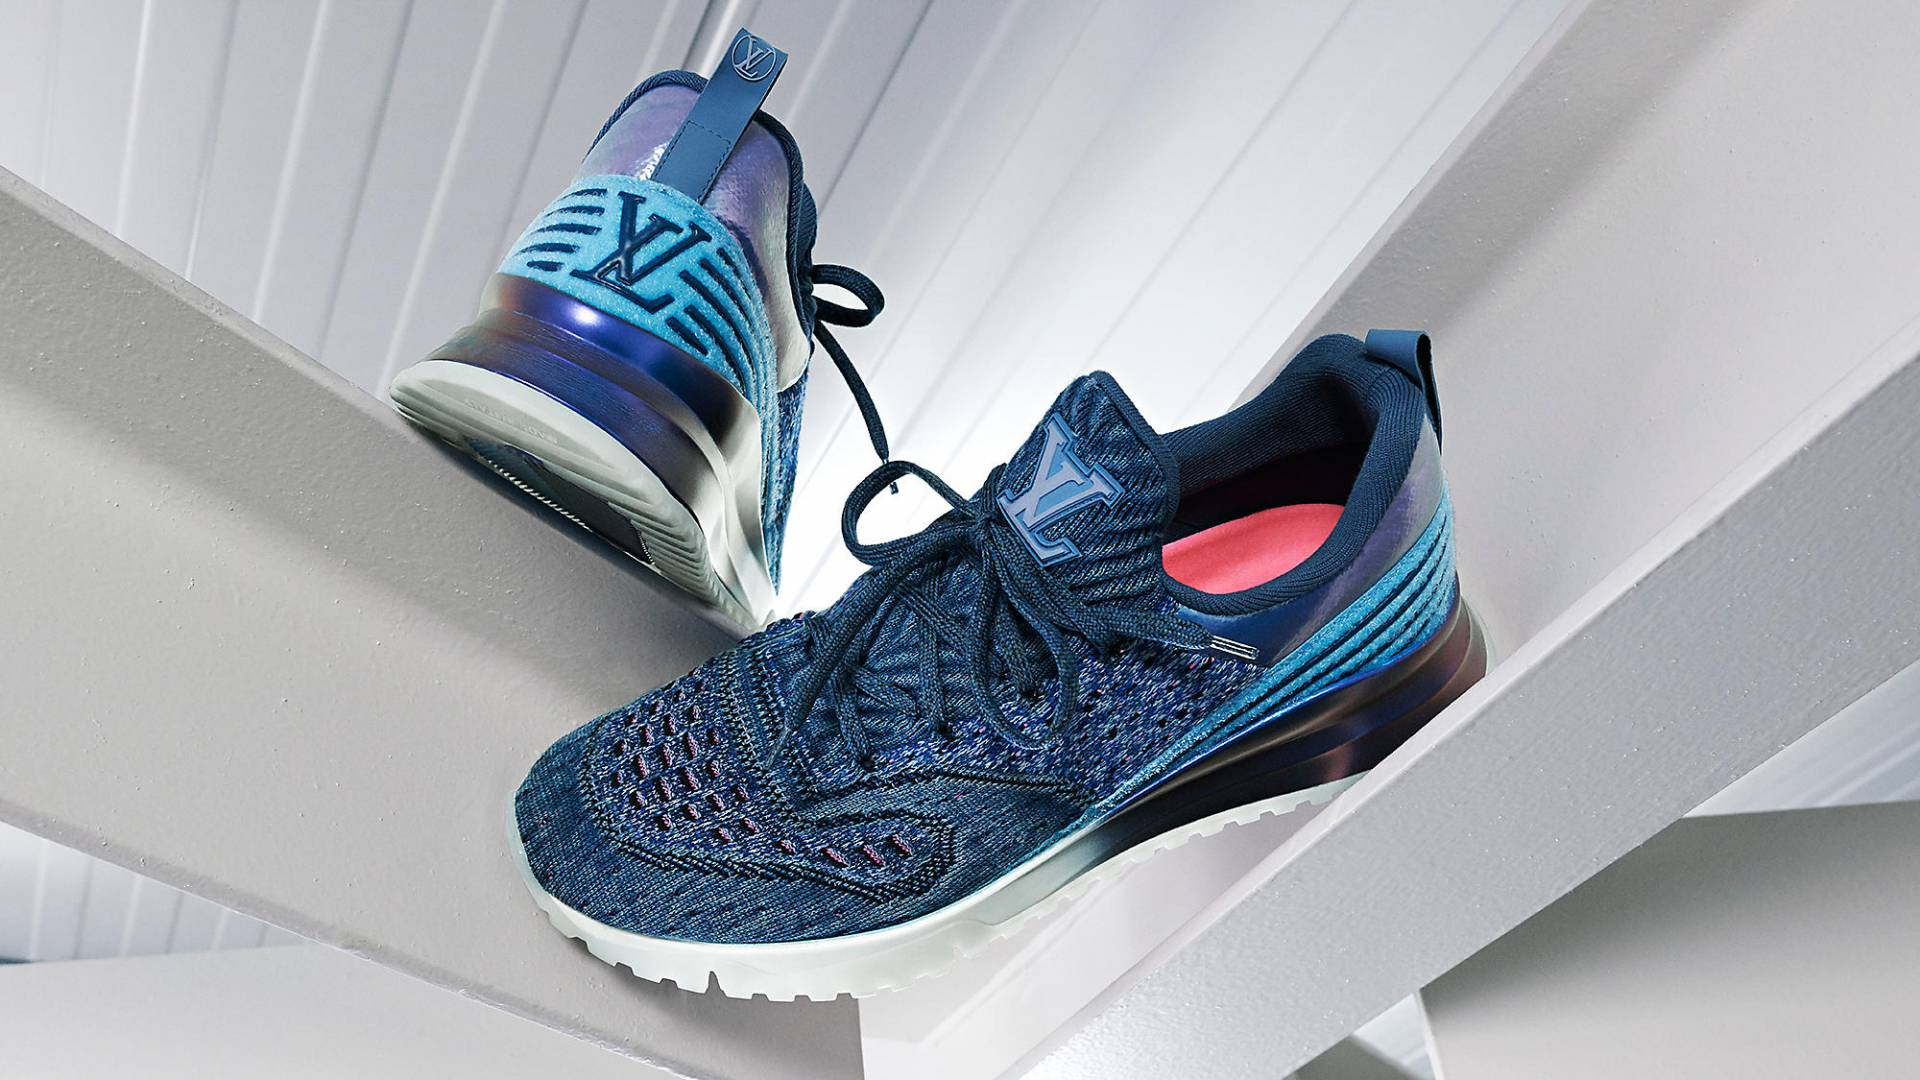 bd0398622ab Louis Vuitton Laufschuhe - Folgt bald eine Workout Linie ?